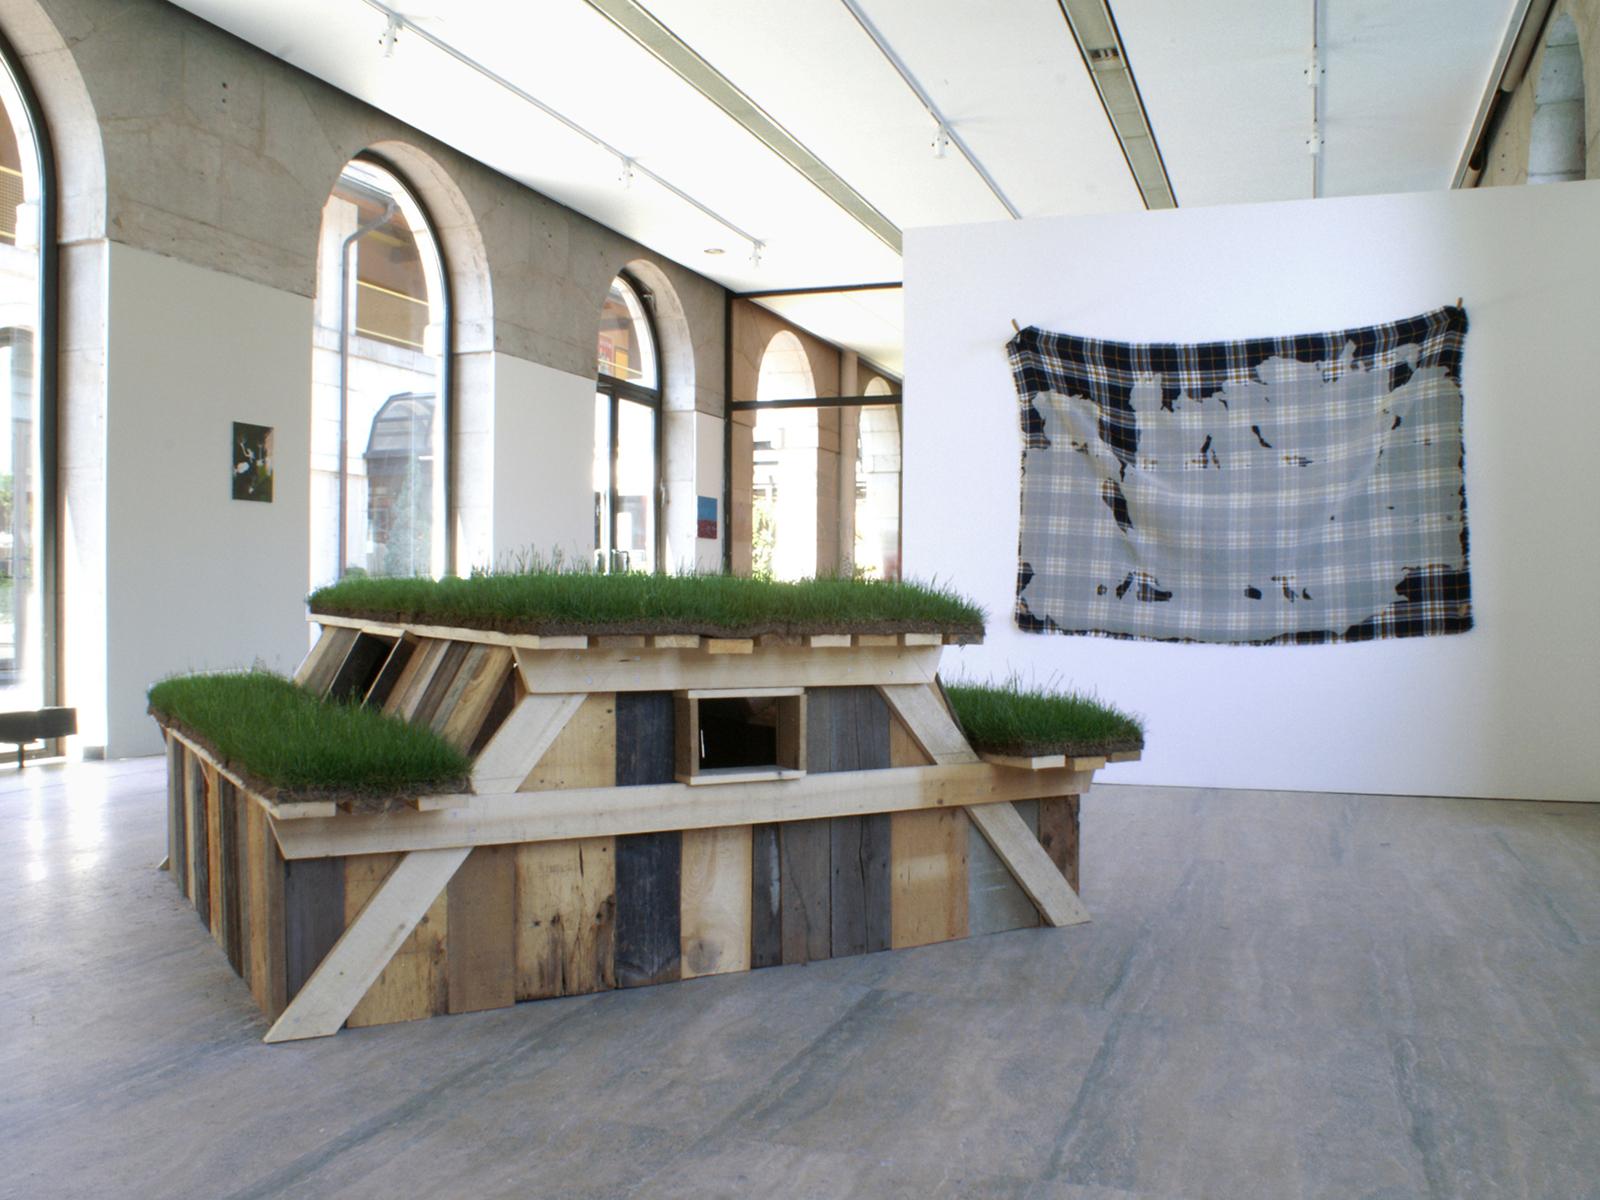 Benoit-Delaunay-artiste-installations-2007-Walden-09.jpg